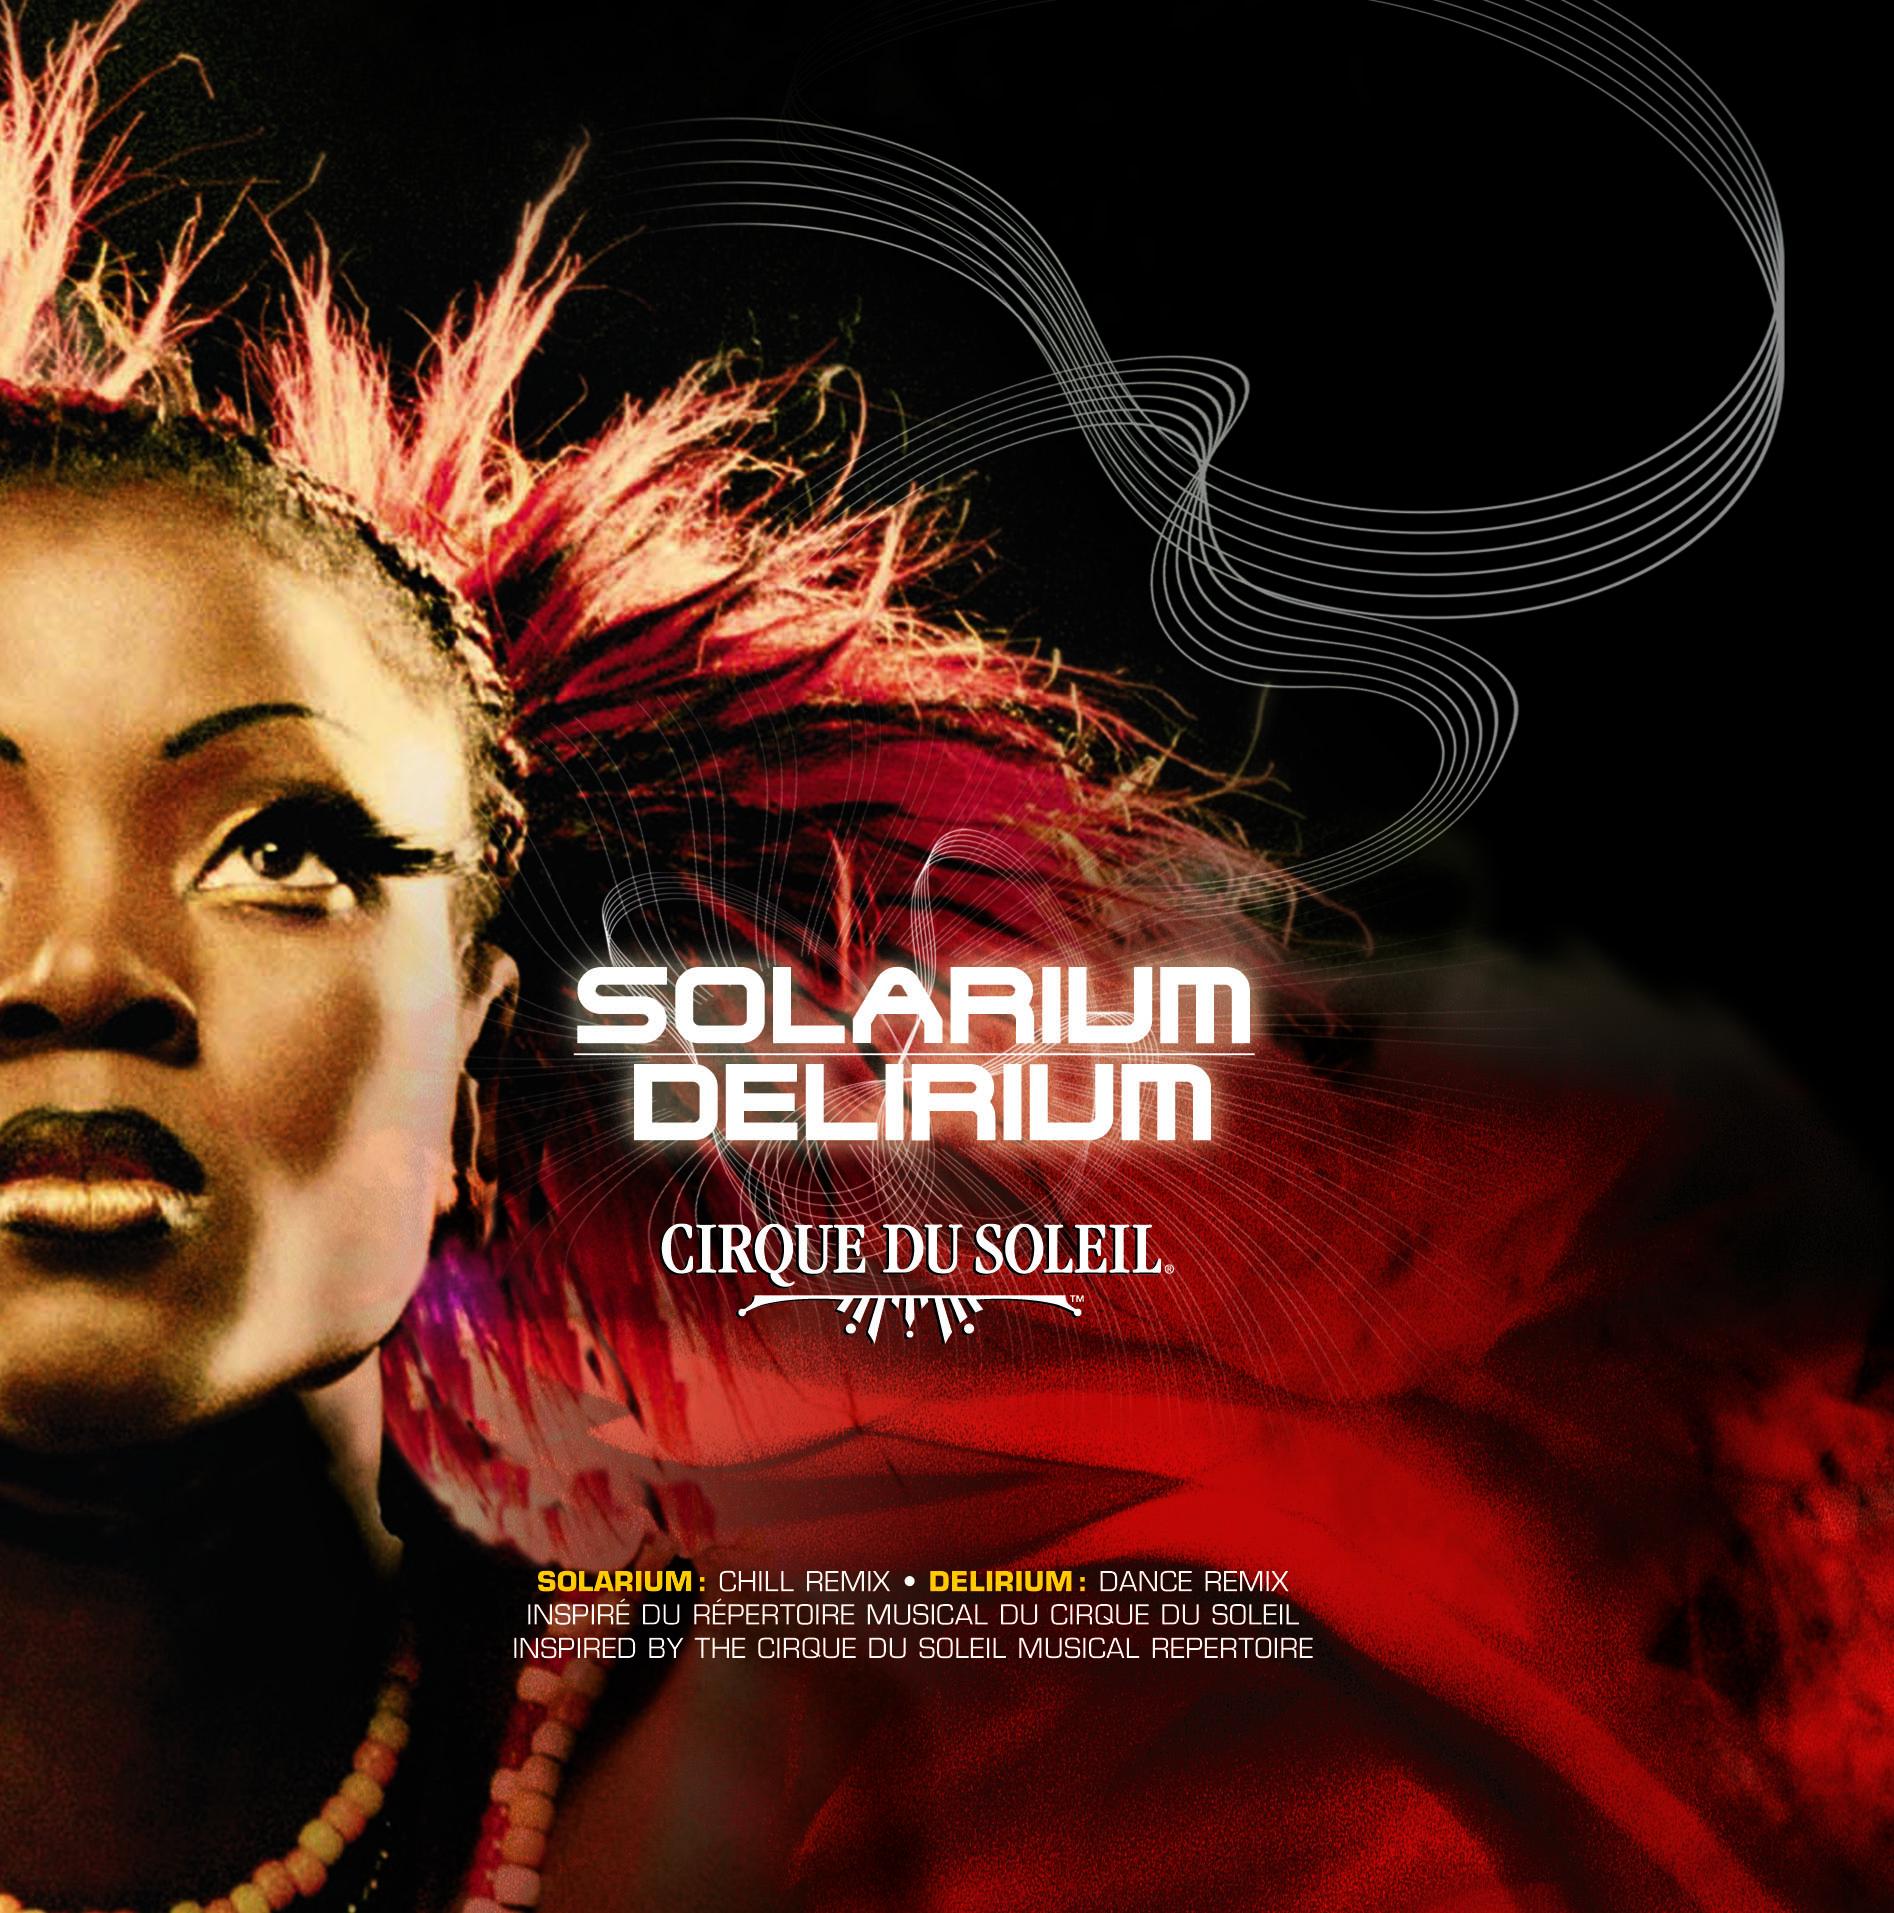 solarium delirium.jpg